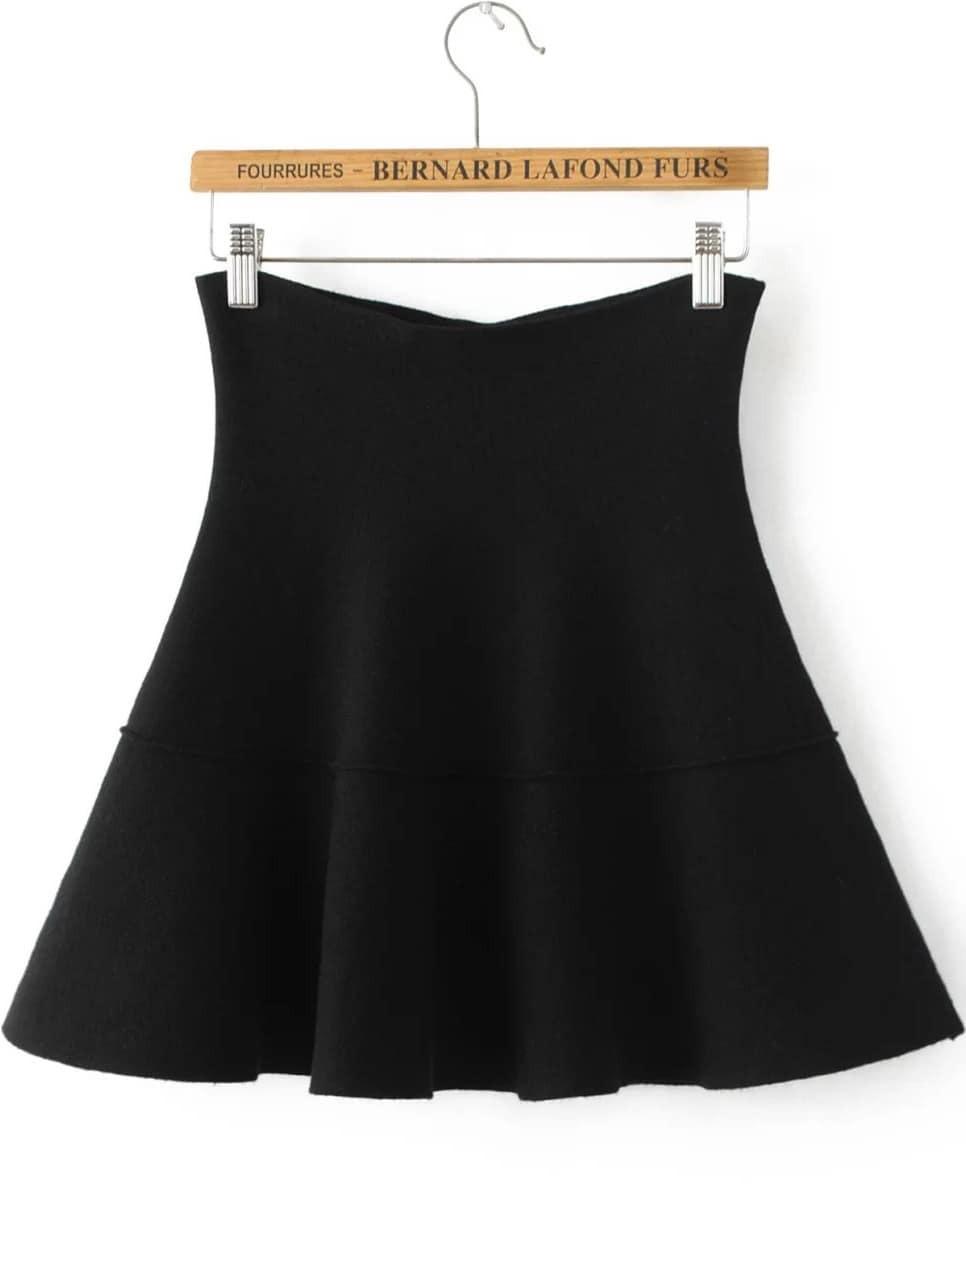 Black Pleated Knit Skirt